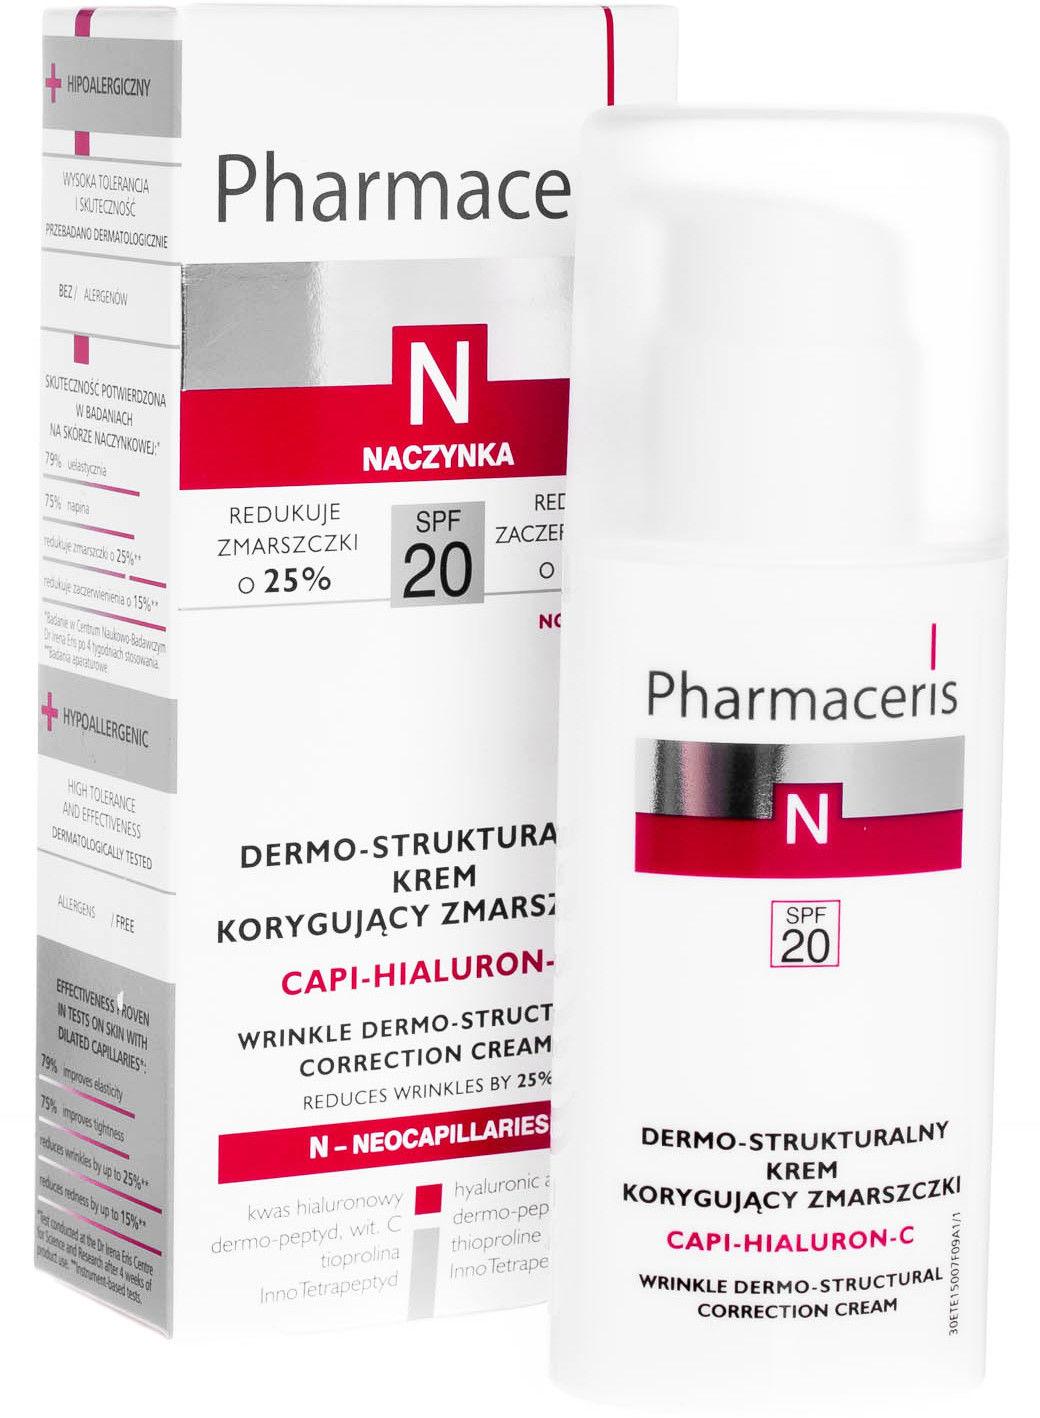 Pharmaceris N capi-hialuron-C dermo-strukturalny krem korygujący zmarszczki SPF 20 50 ml